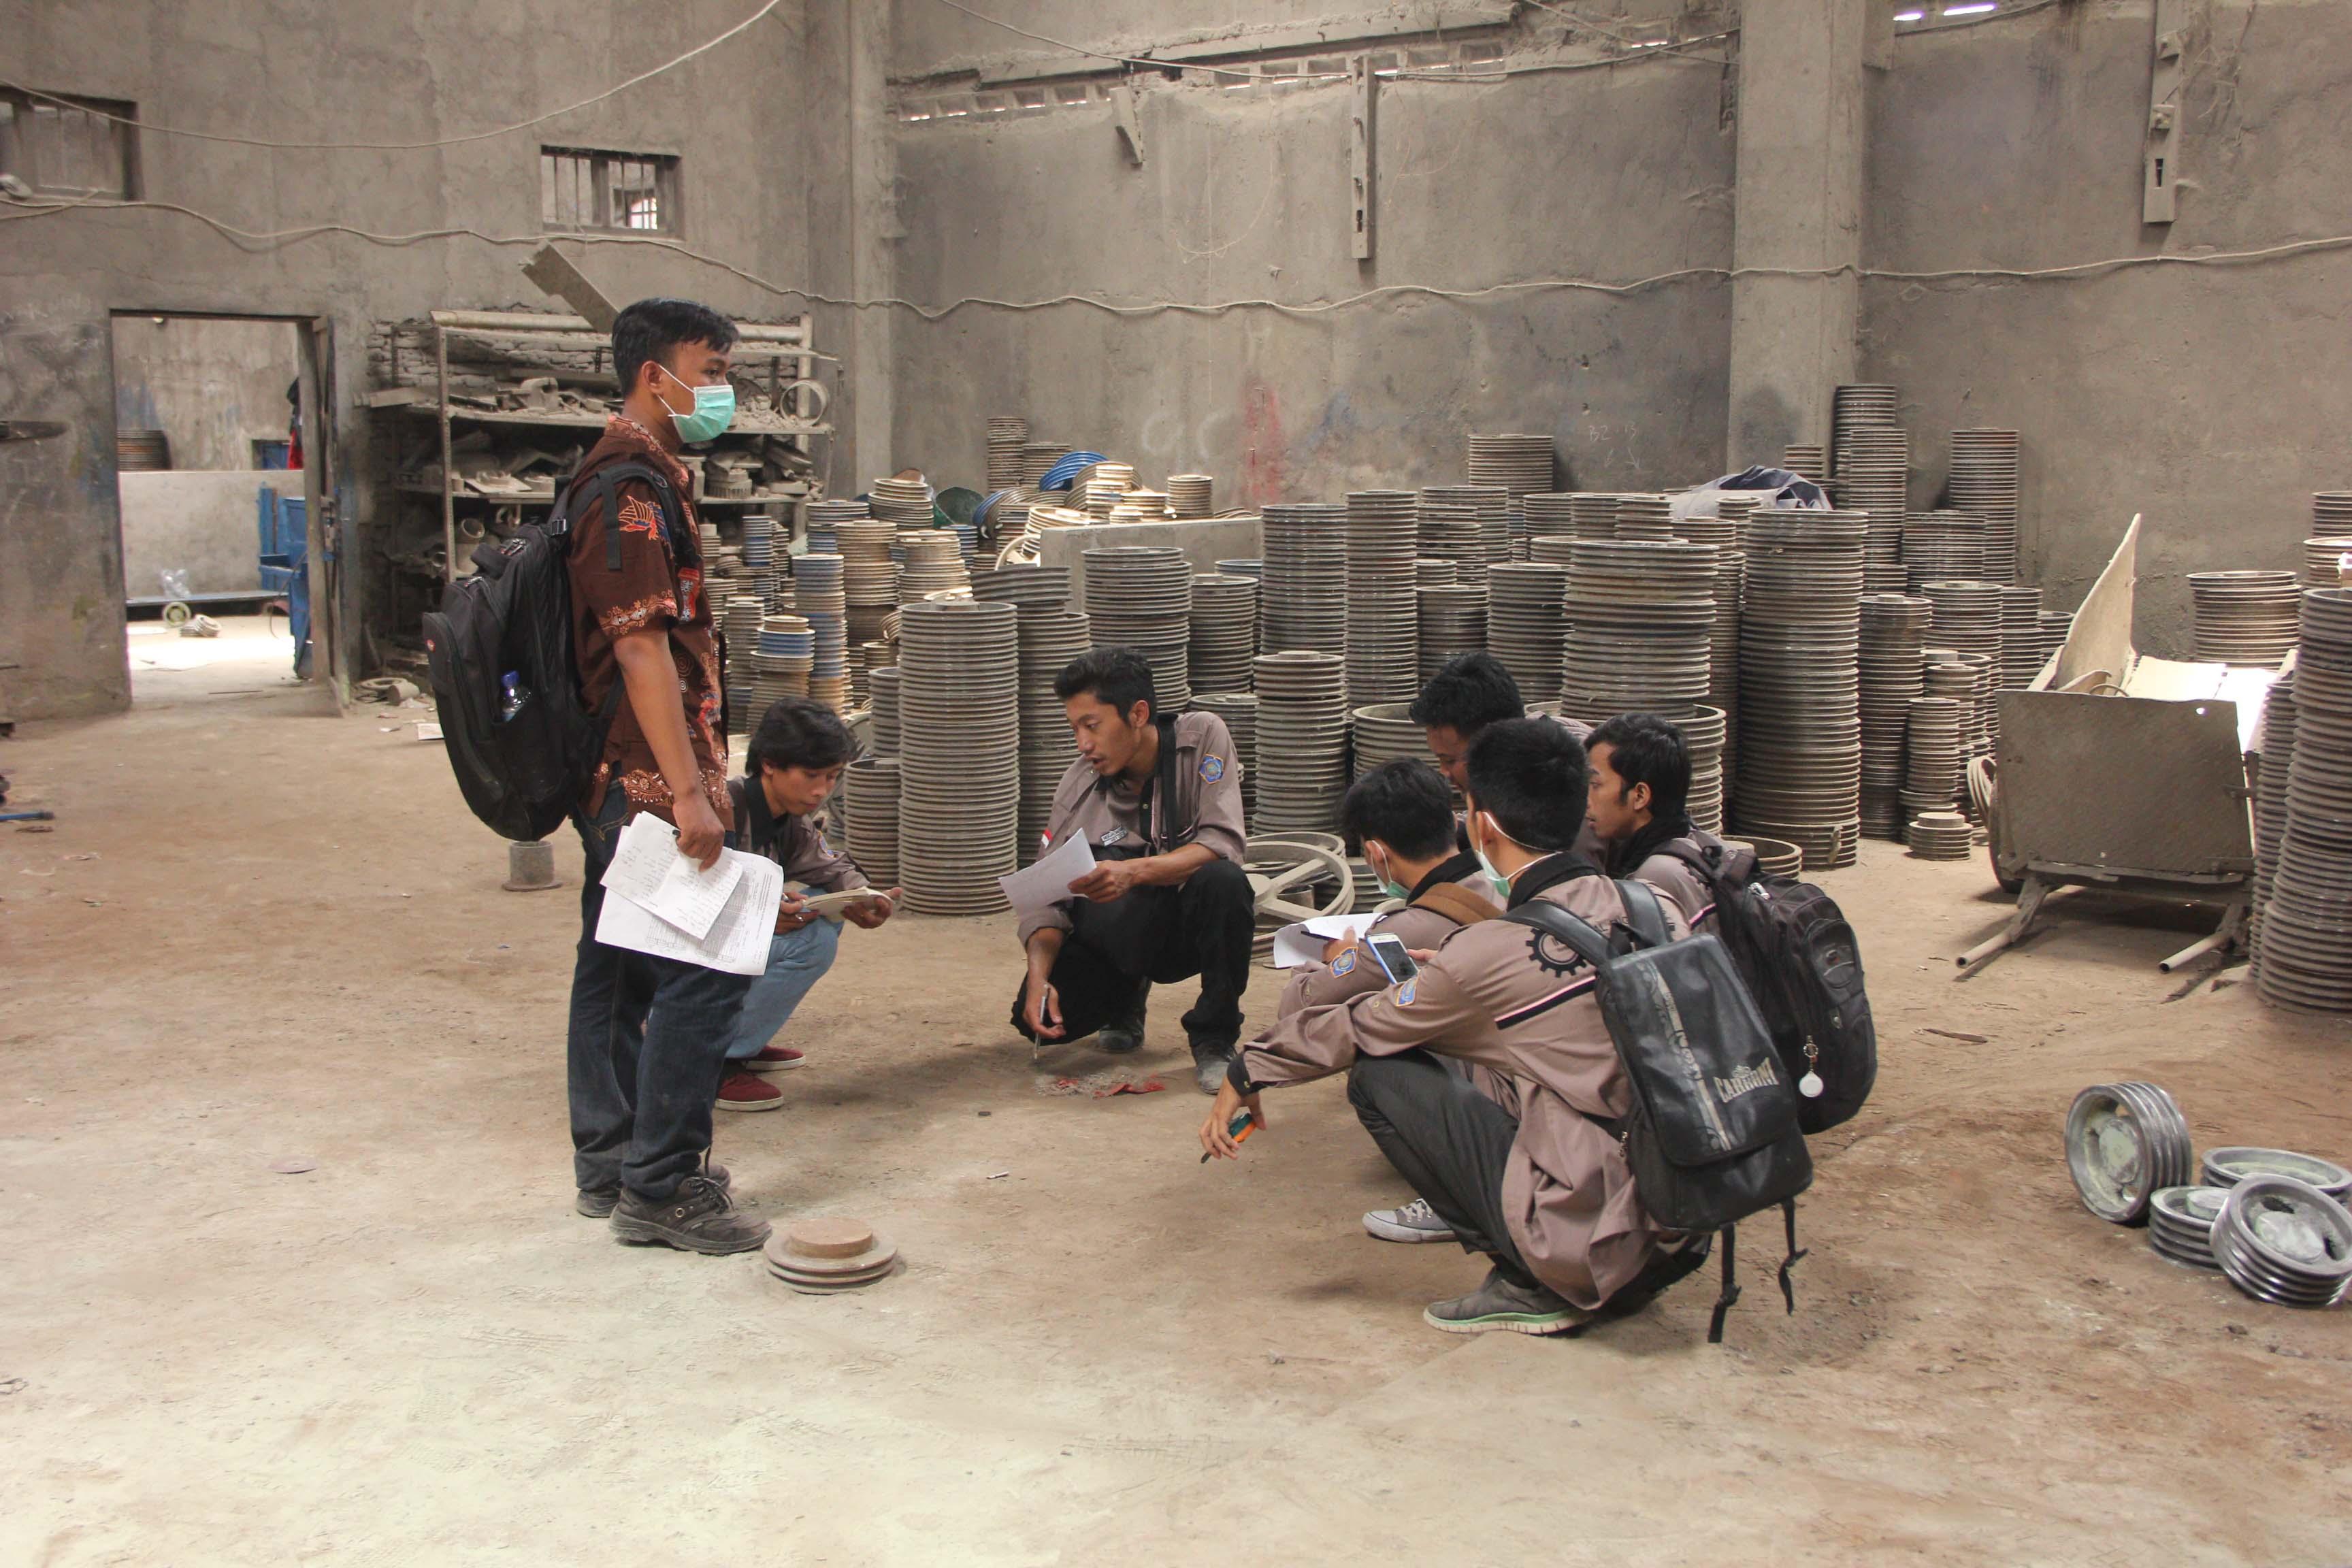 Pengukuran tata letak pabrik setiap departemen di CV Bonjor Jaya Klaten didampingi oleh Asisten Pembimbing Praktikum